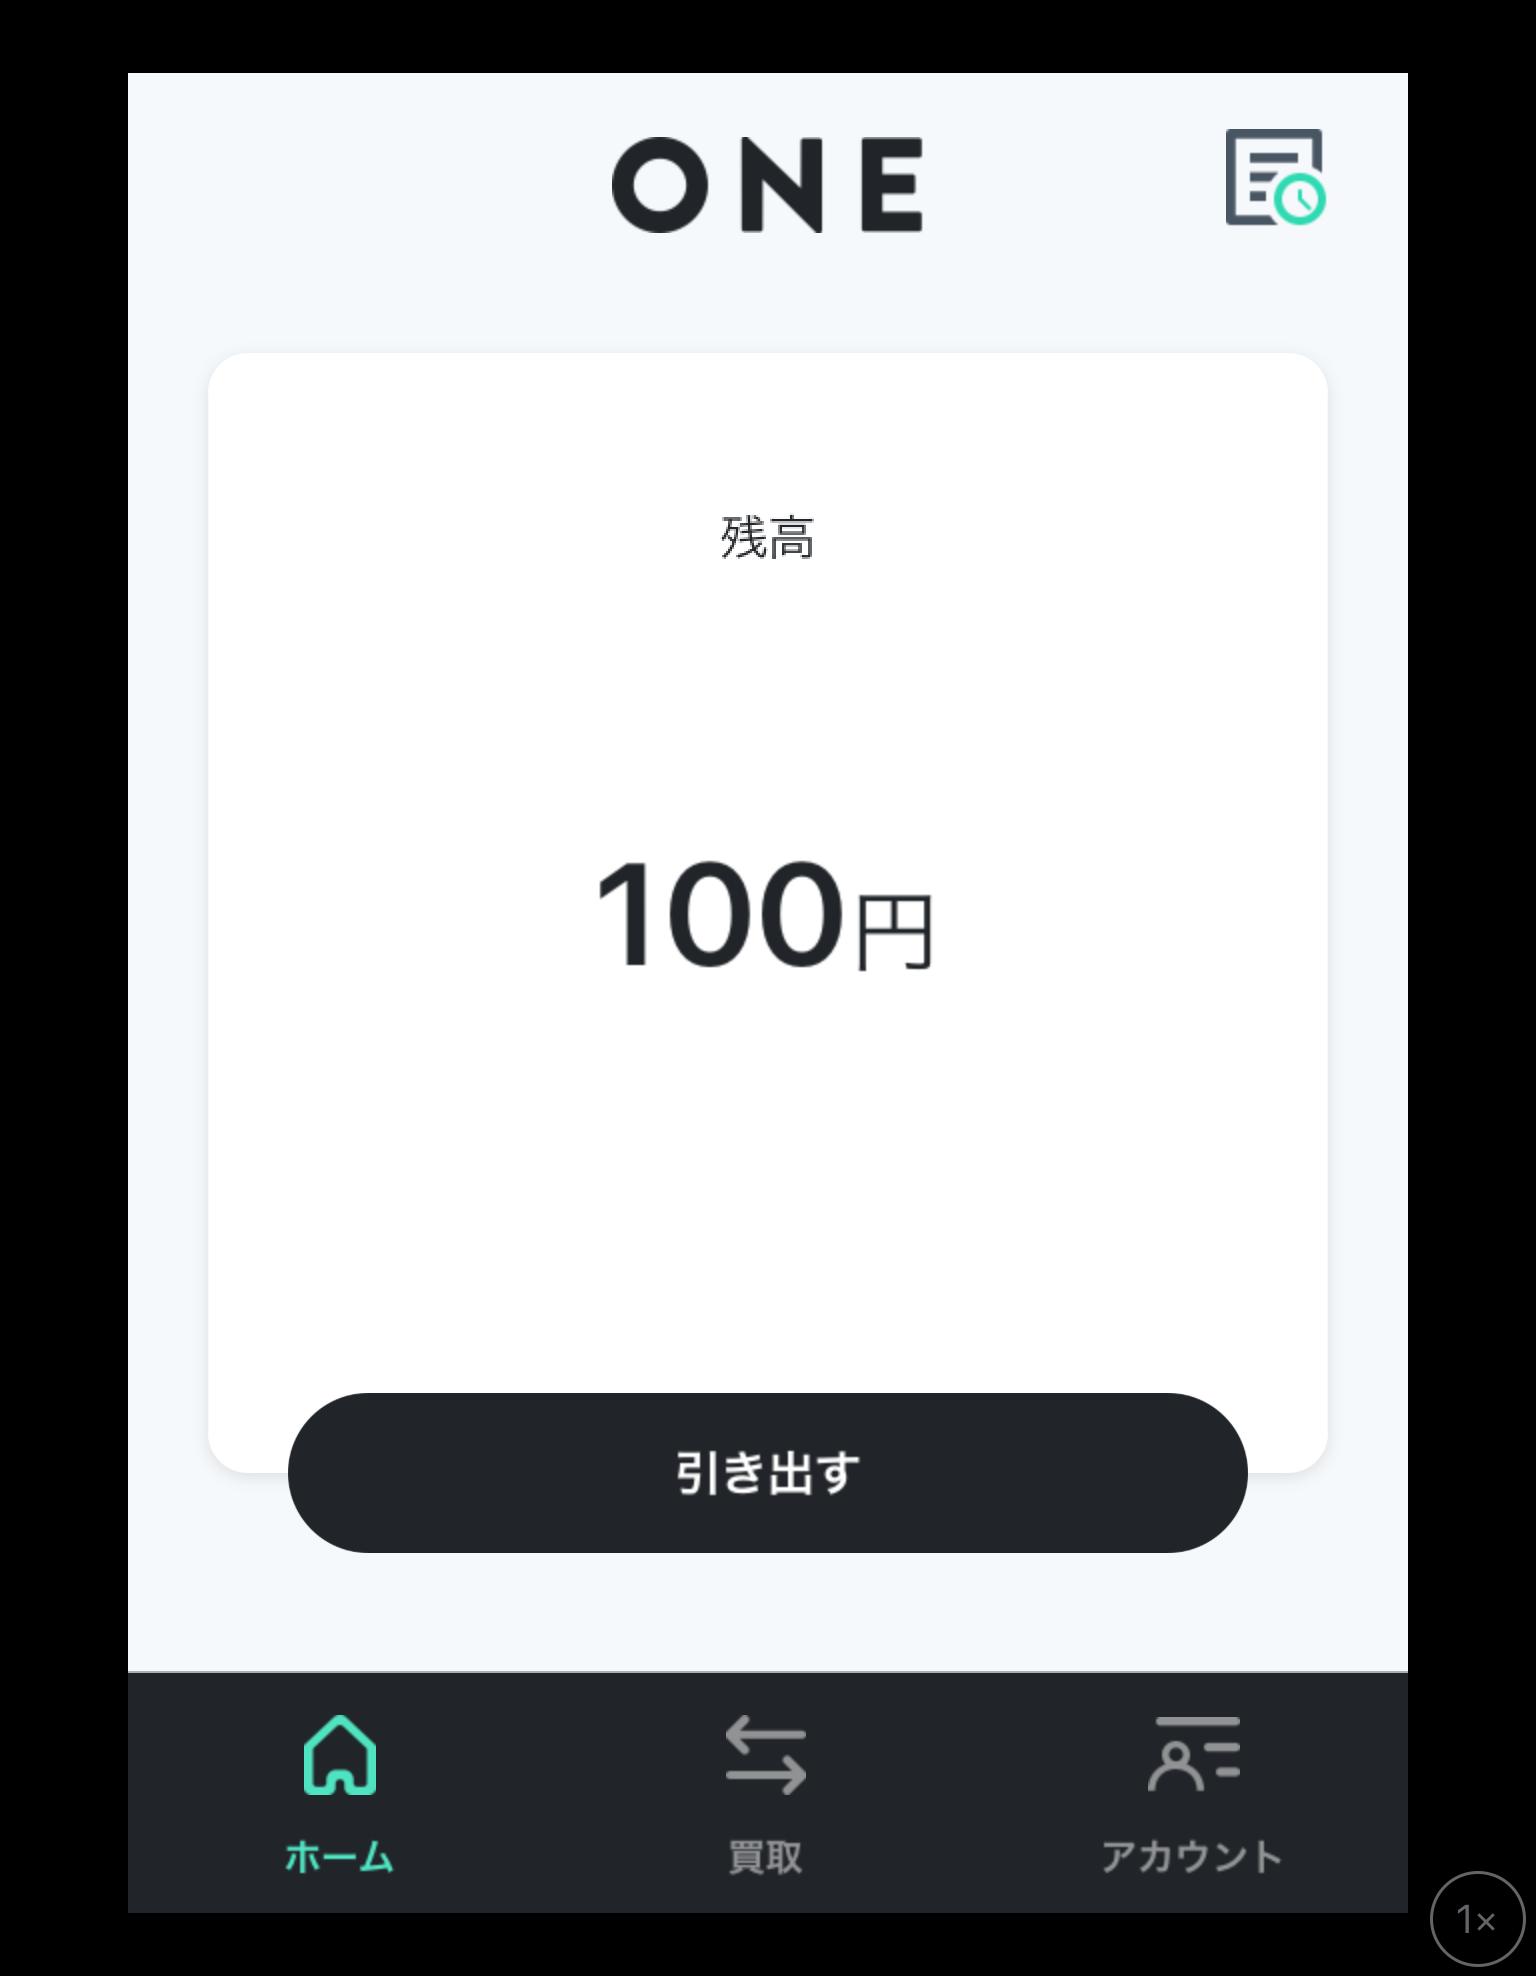 「ONE」ホーム画面。10枚のレシートを撮影し、残高が100円になっています。